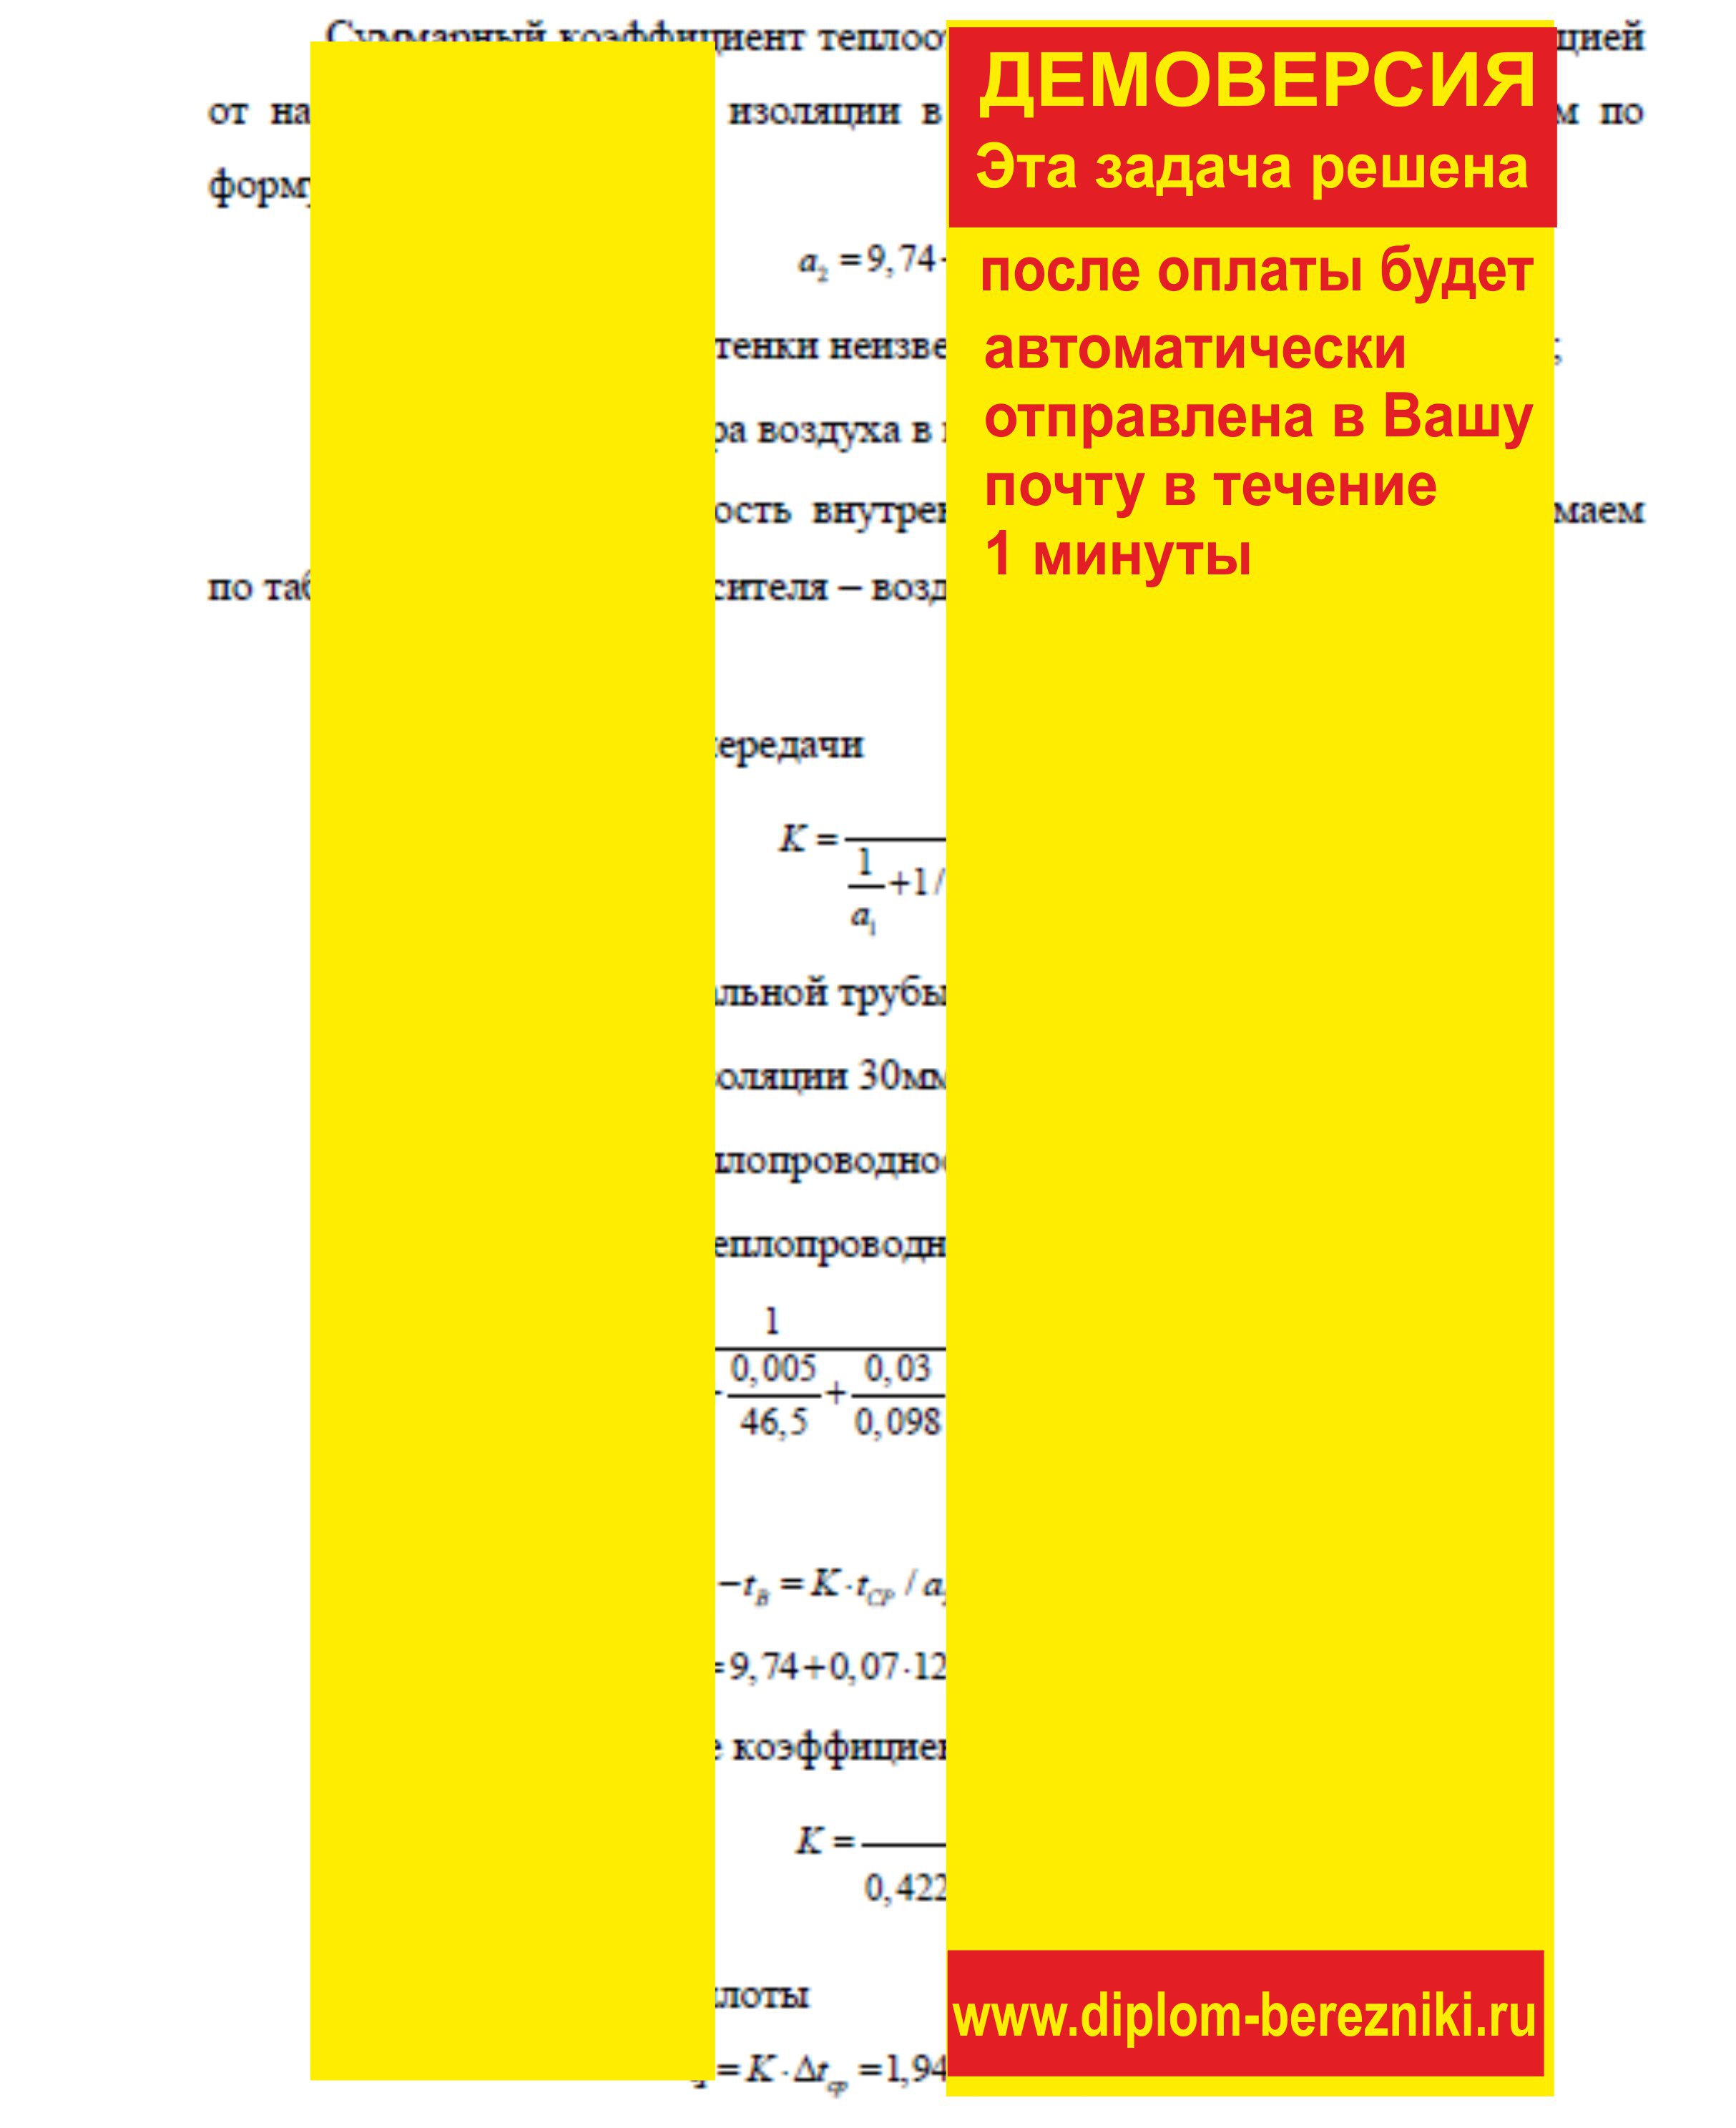 Решение задачи 4.53 по ПАХТ из задачника Павлова Романкова Носкова